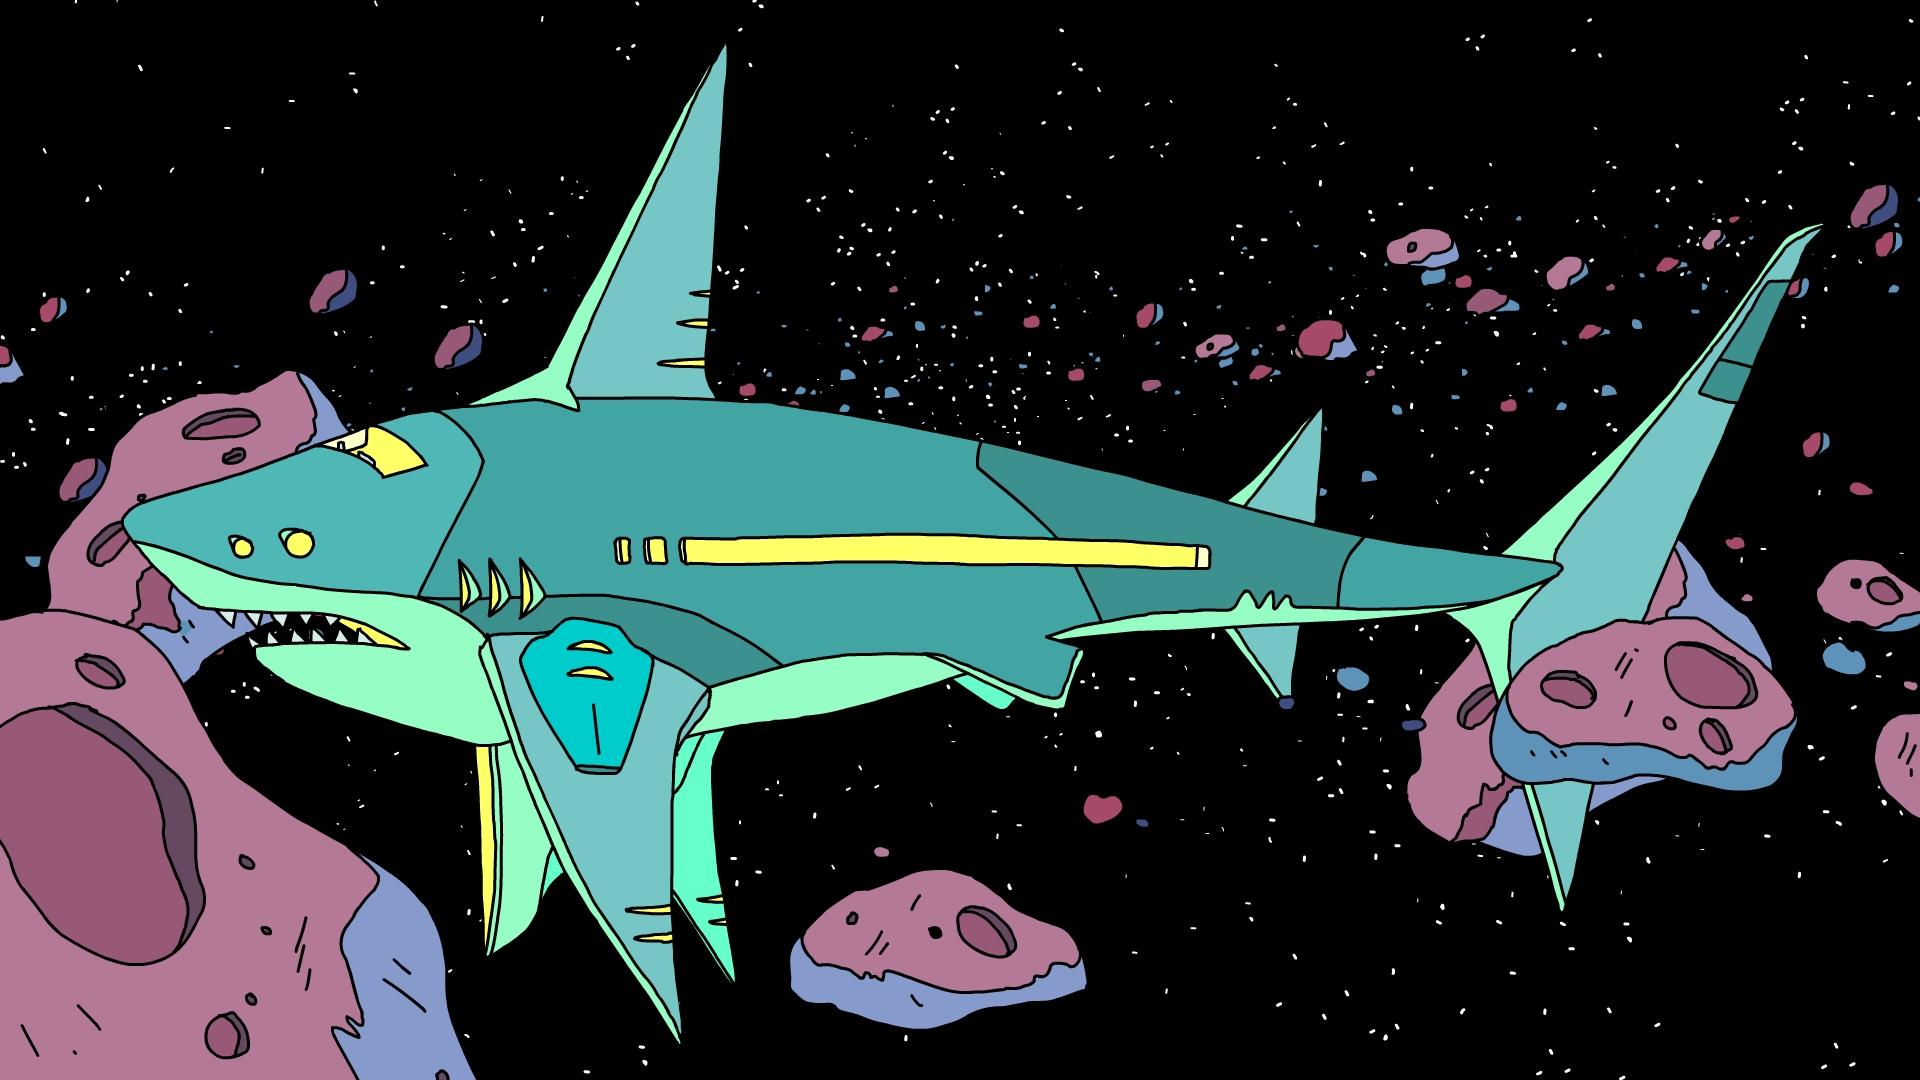 Robo Shark Spaceship!!!